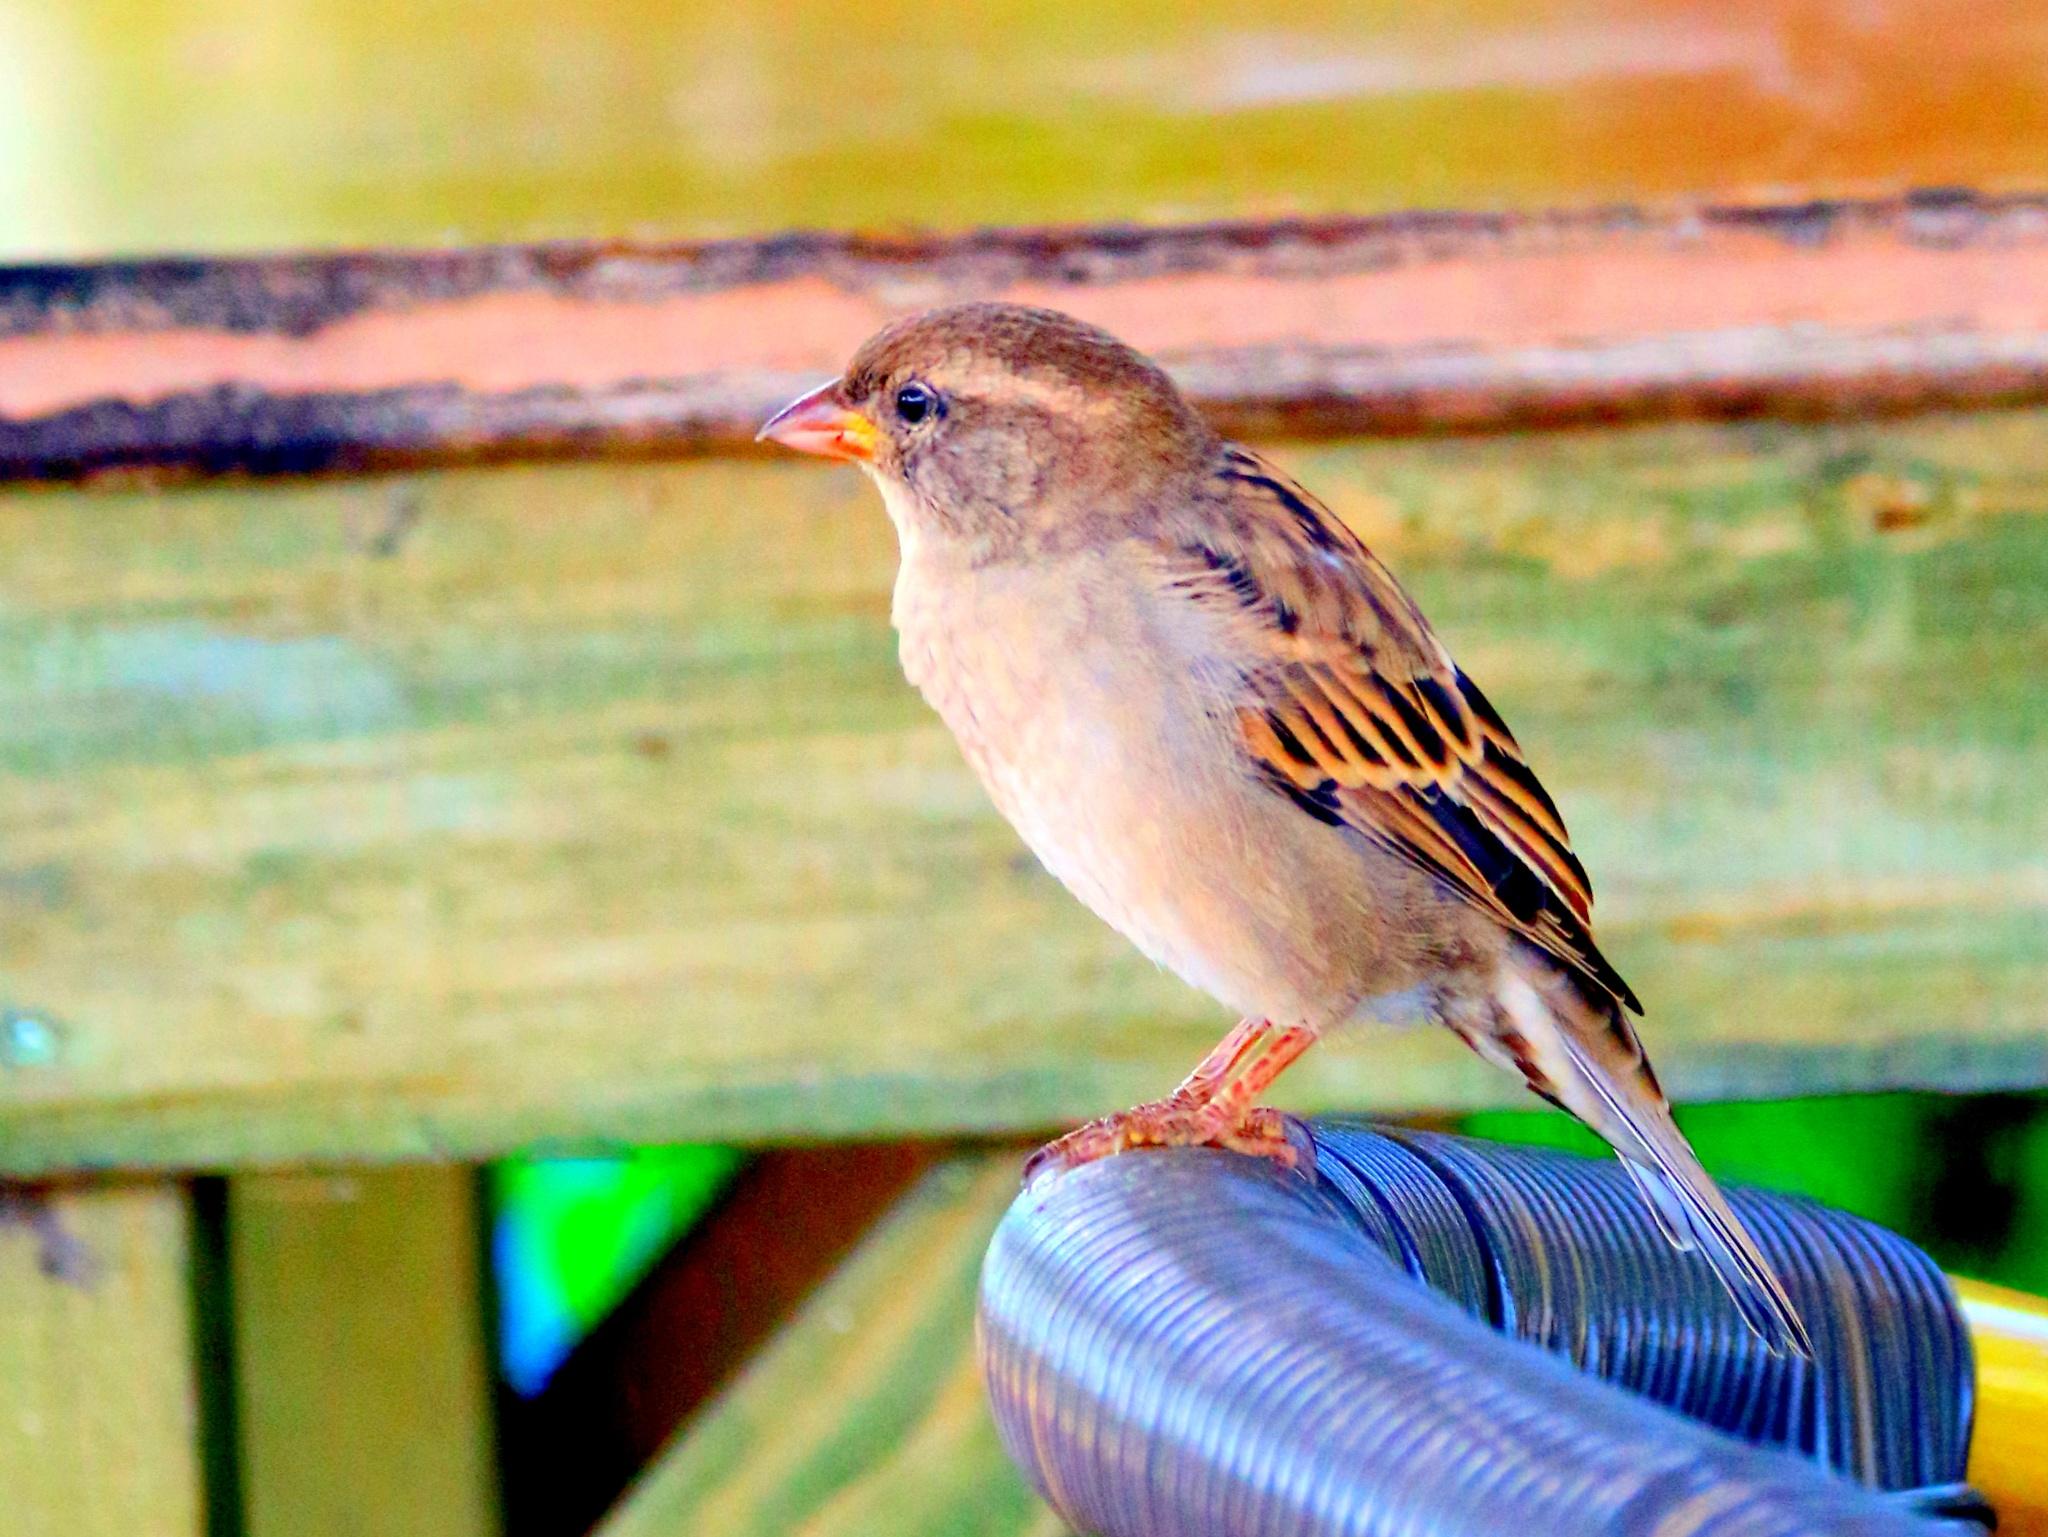 House Sparrow (female) by Bedirhan Küpeli